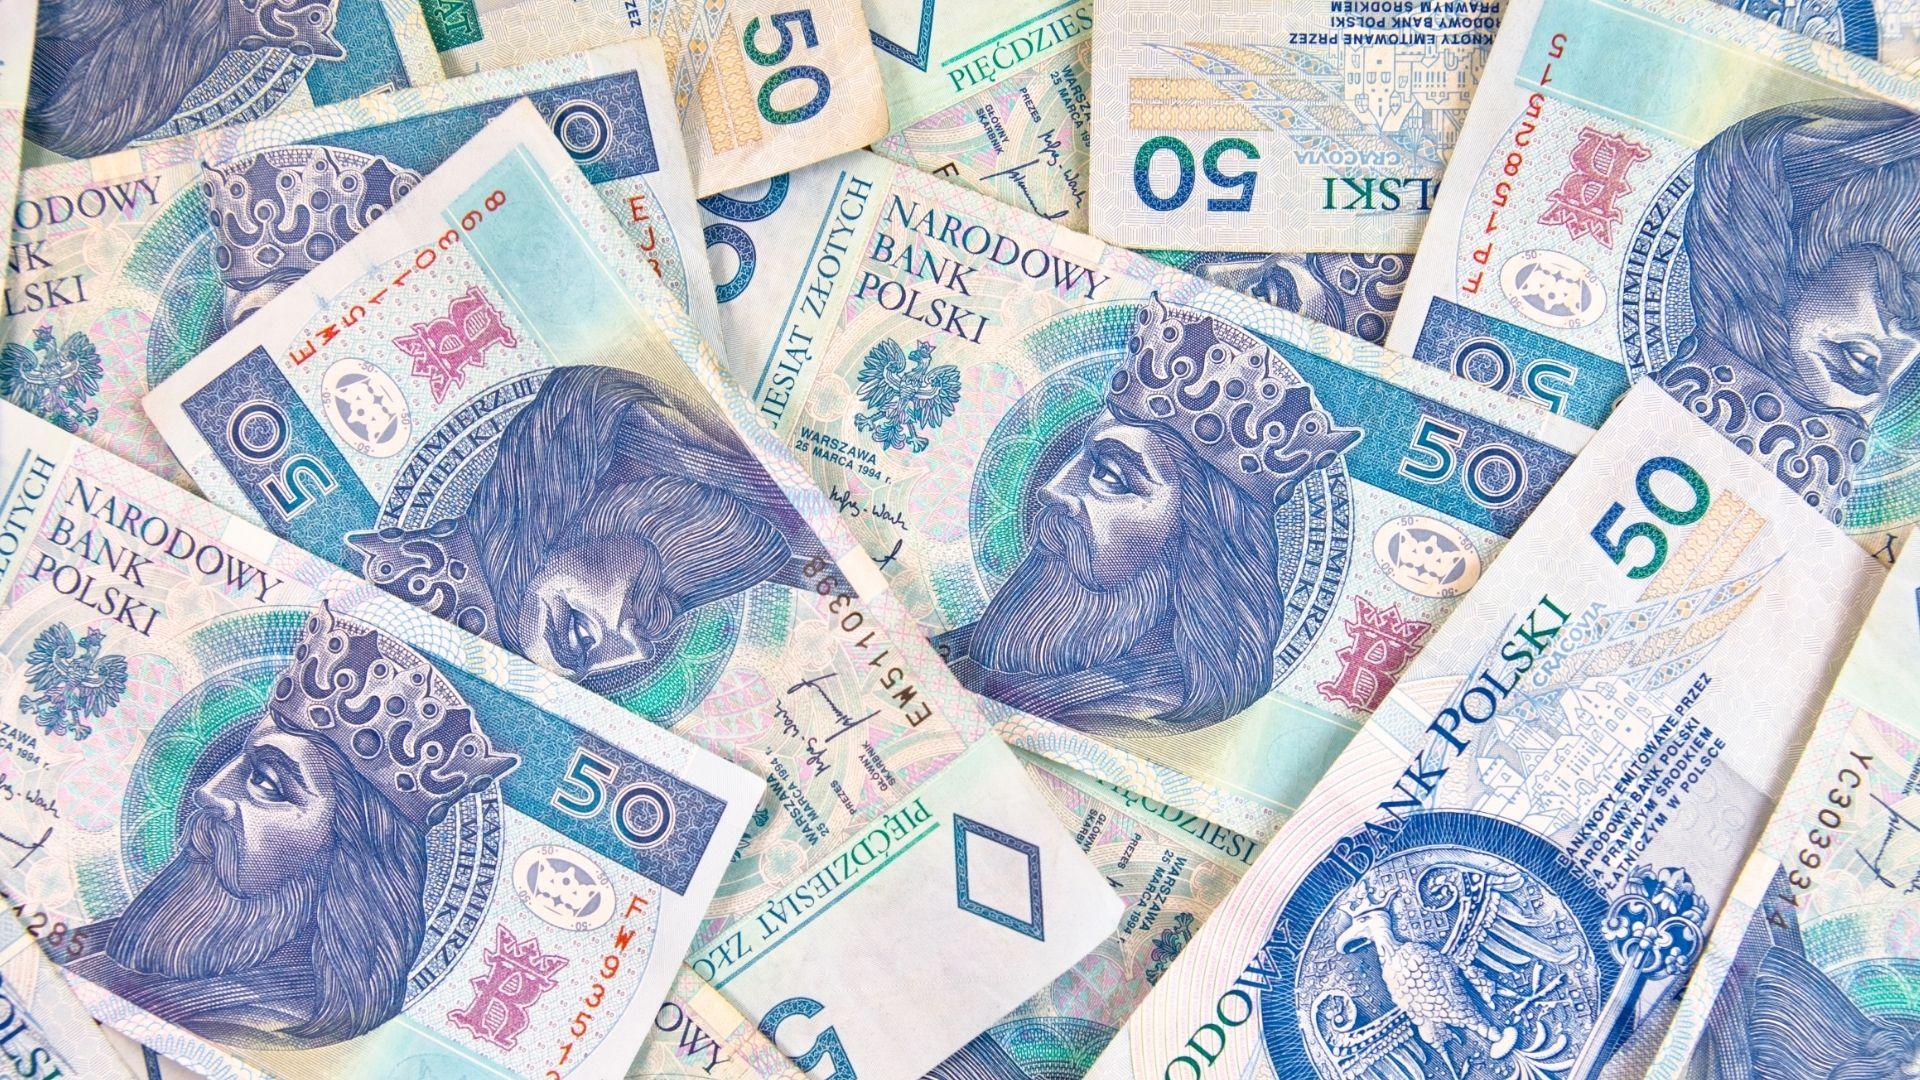 Minimalne wynagrodzenie w 2022 r. O ile wzrośnie pensja minimalna? - Zdjęcie główne